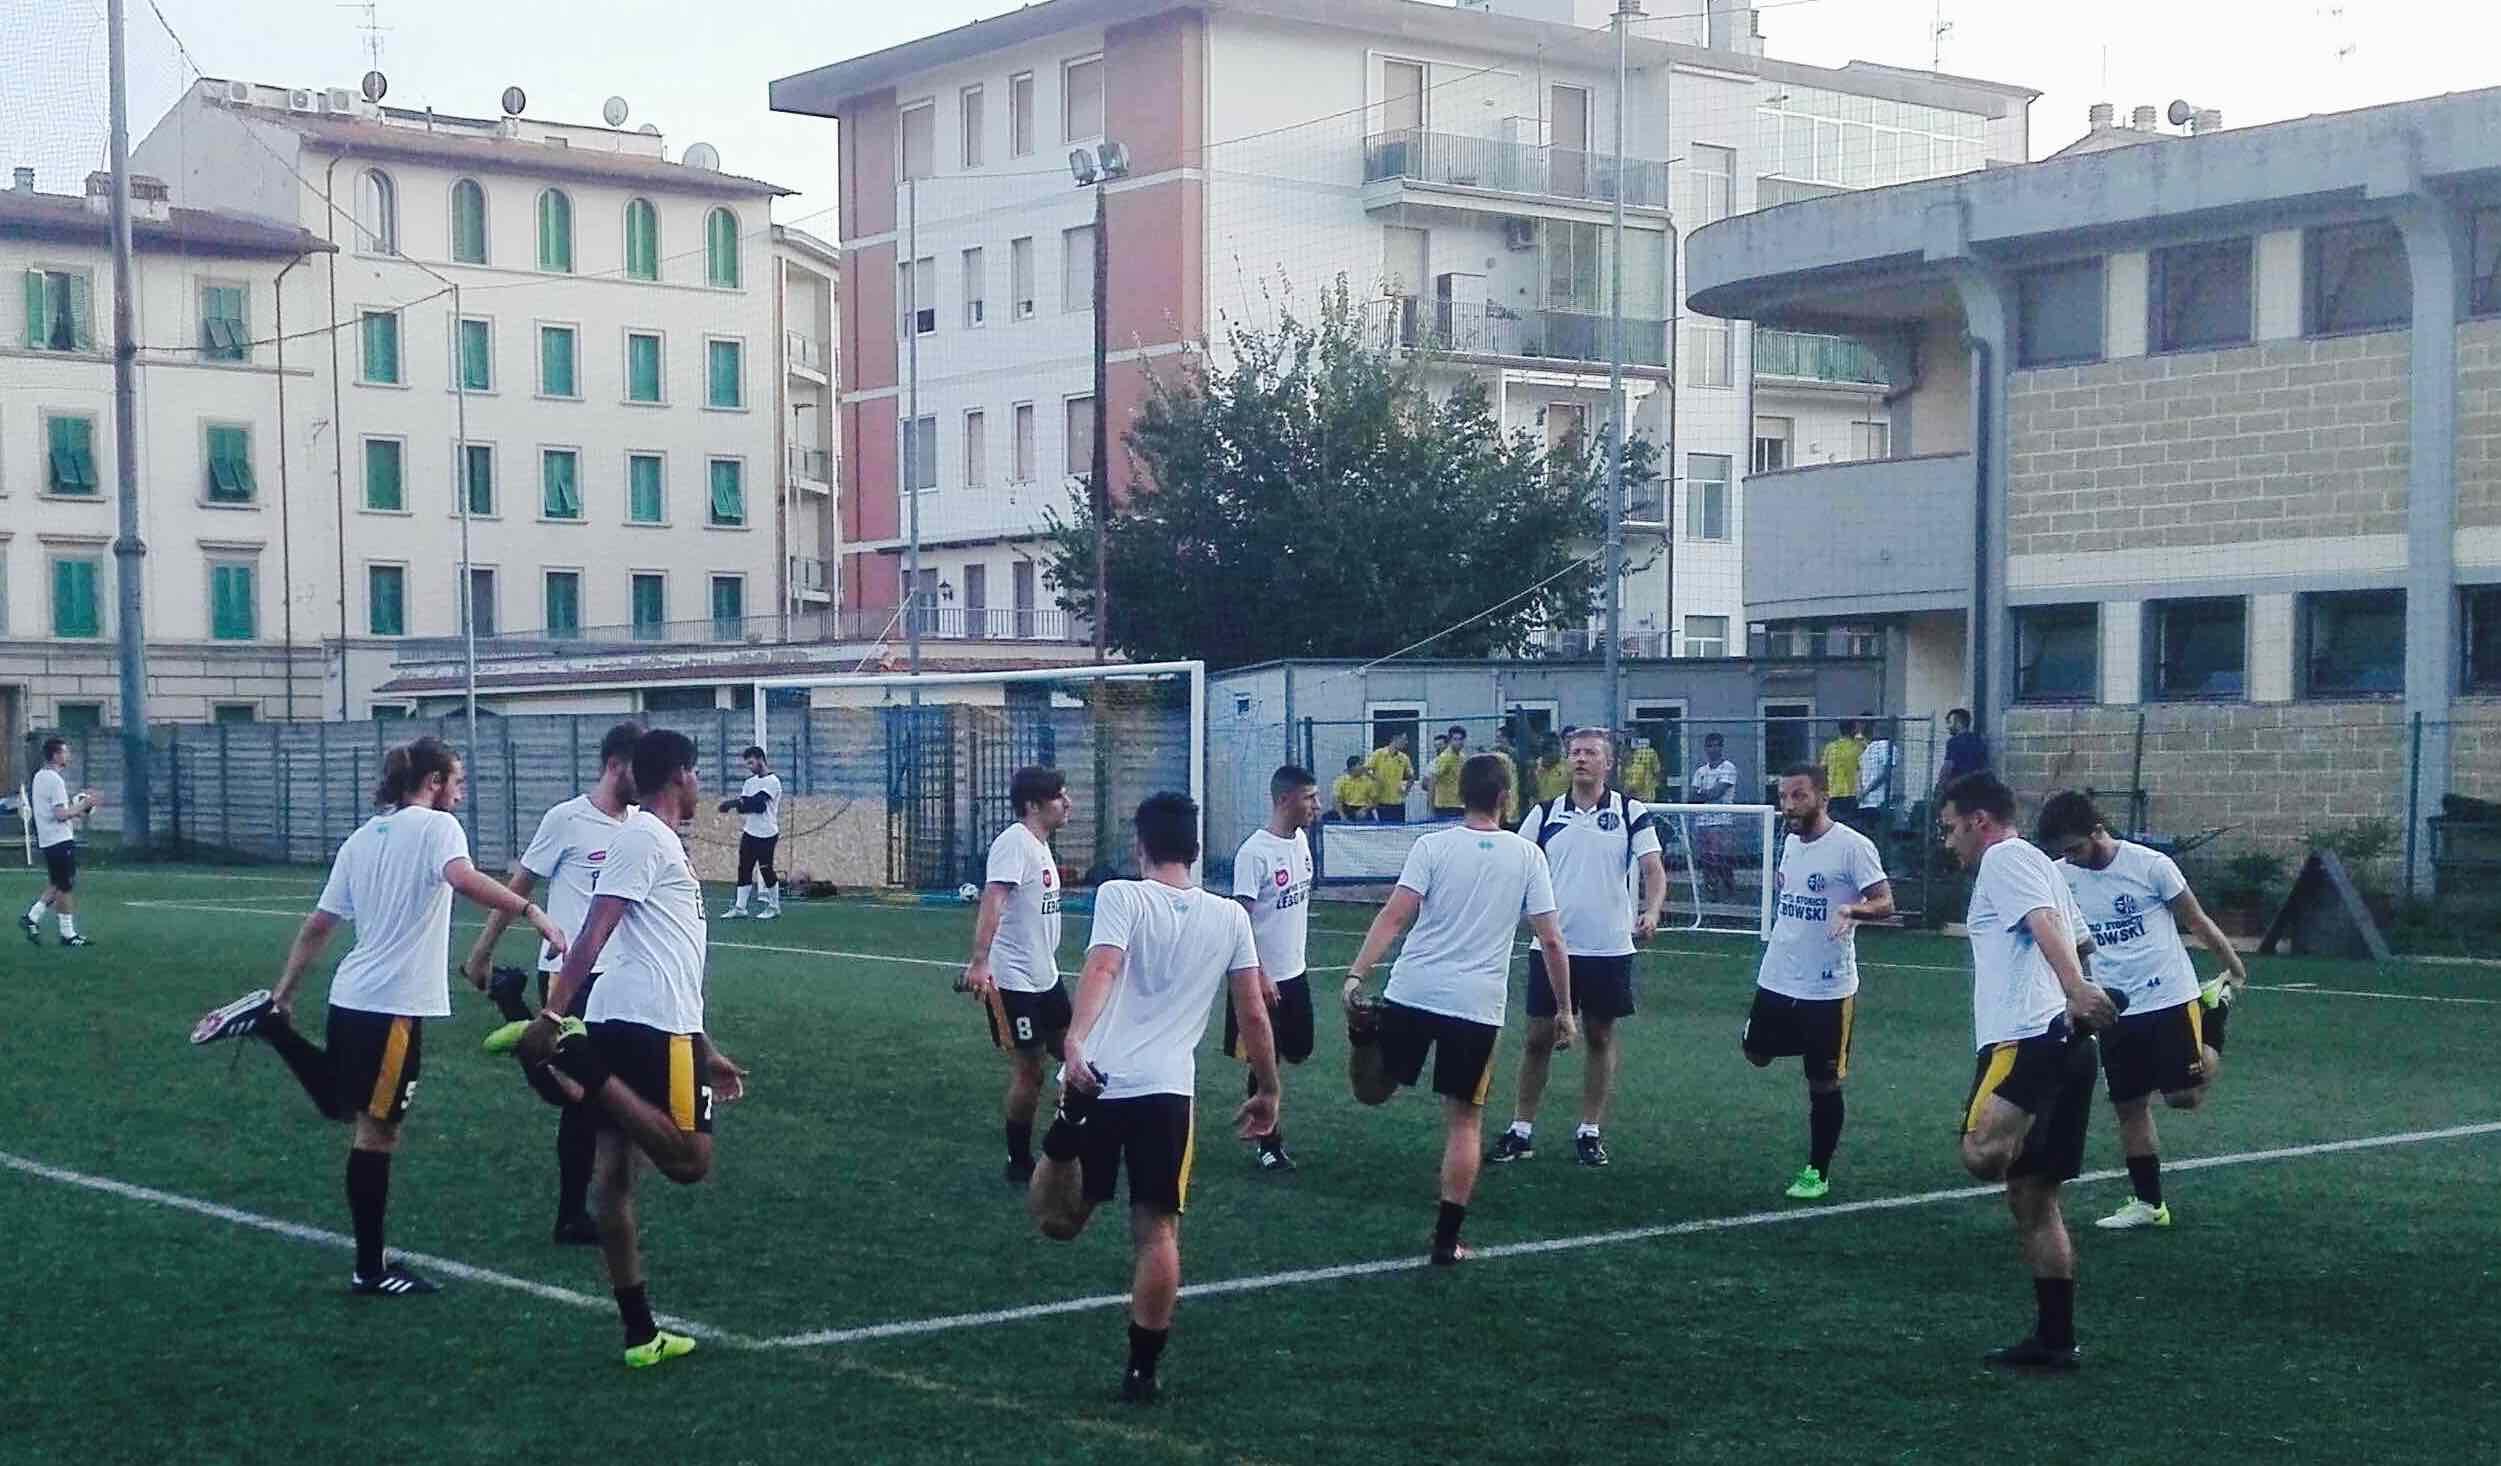 Calendario Promozione Girone A.Promozione Girone C Ufficializzato Senza Sorprese Il